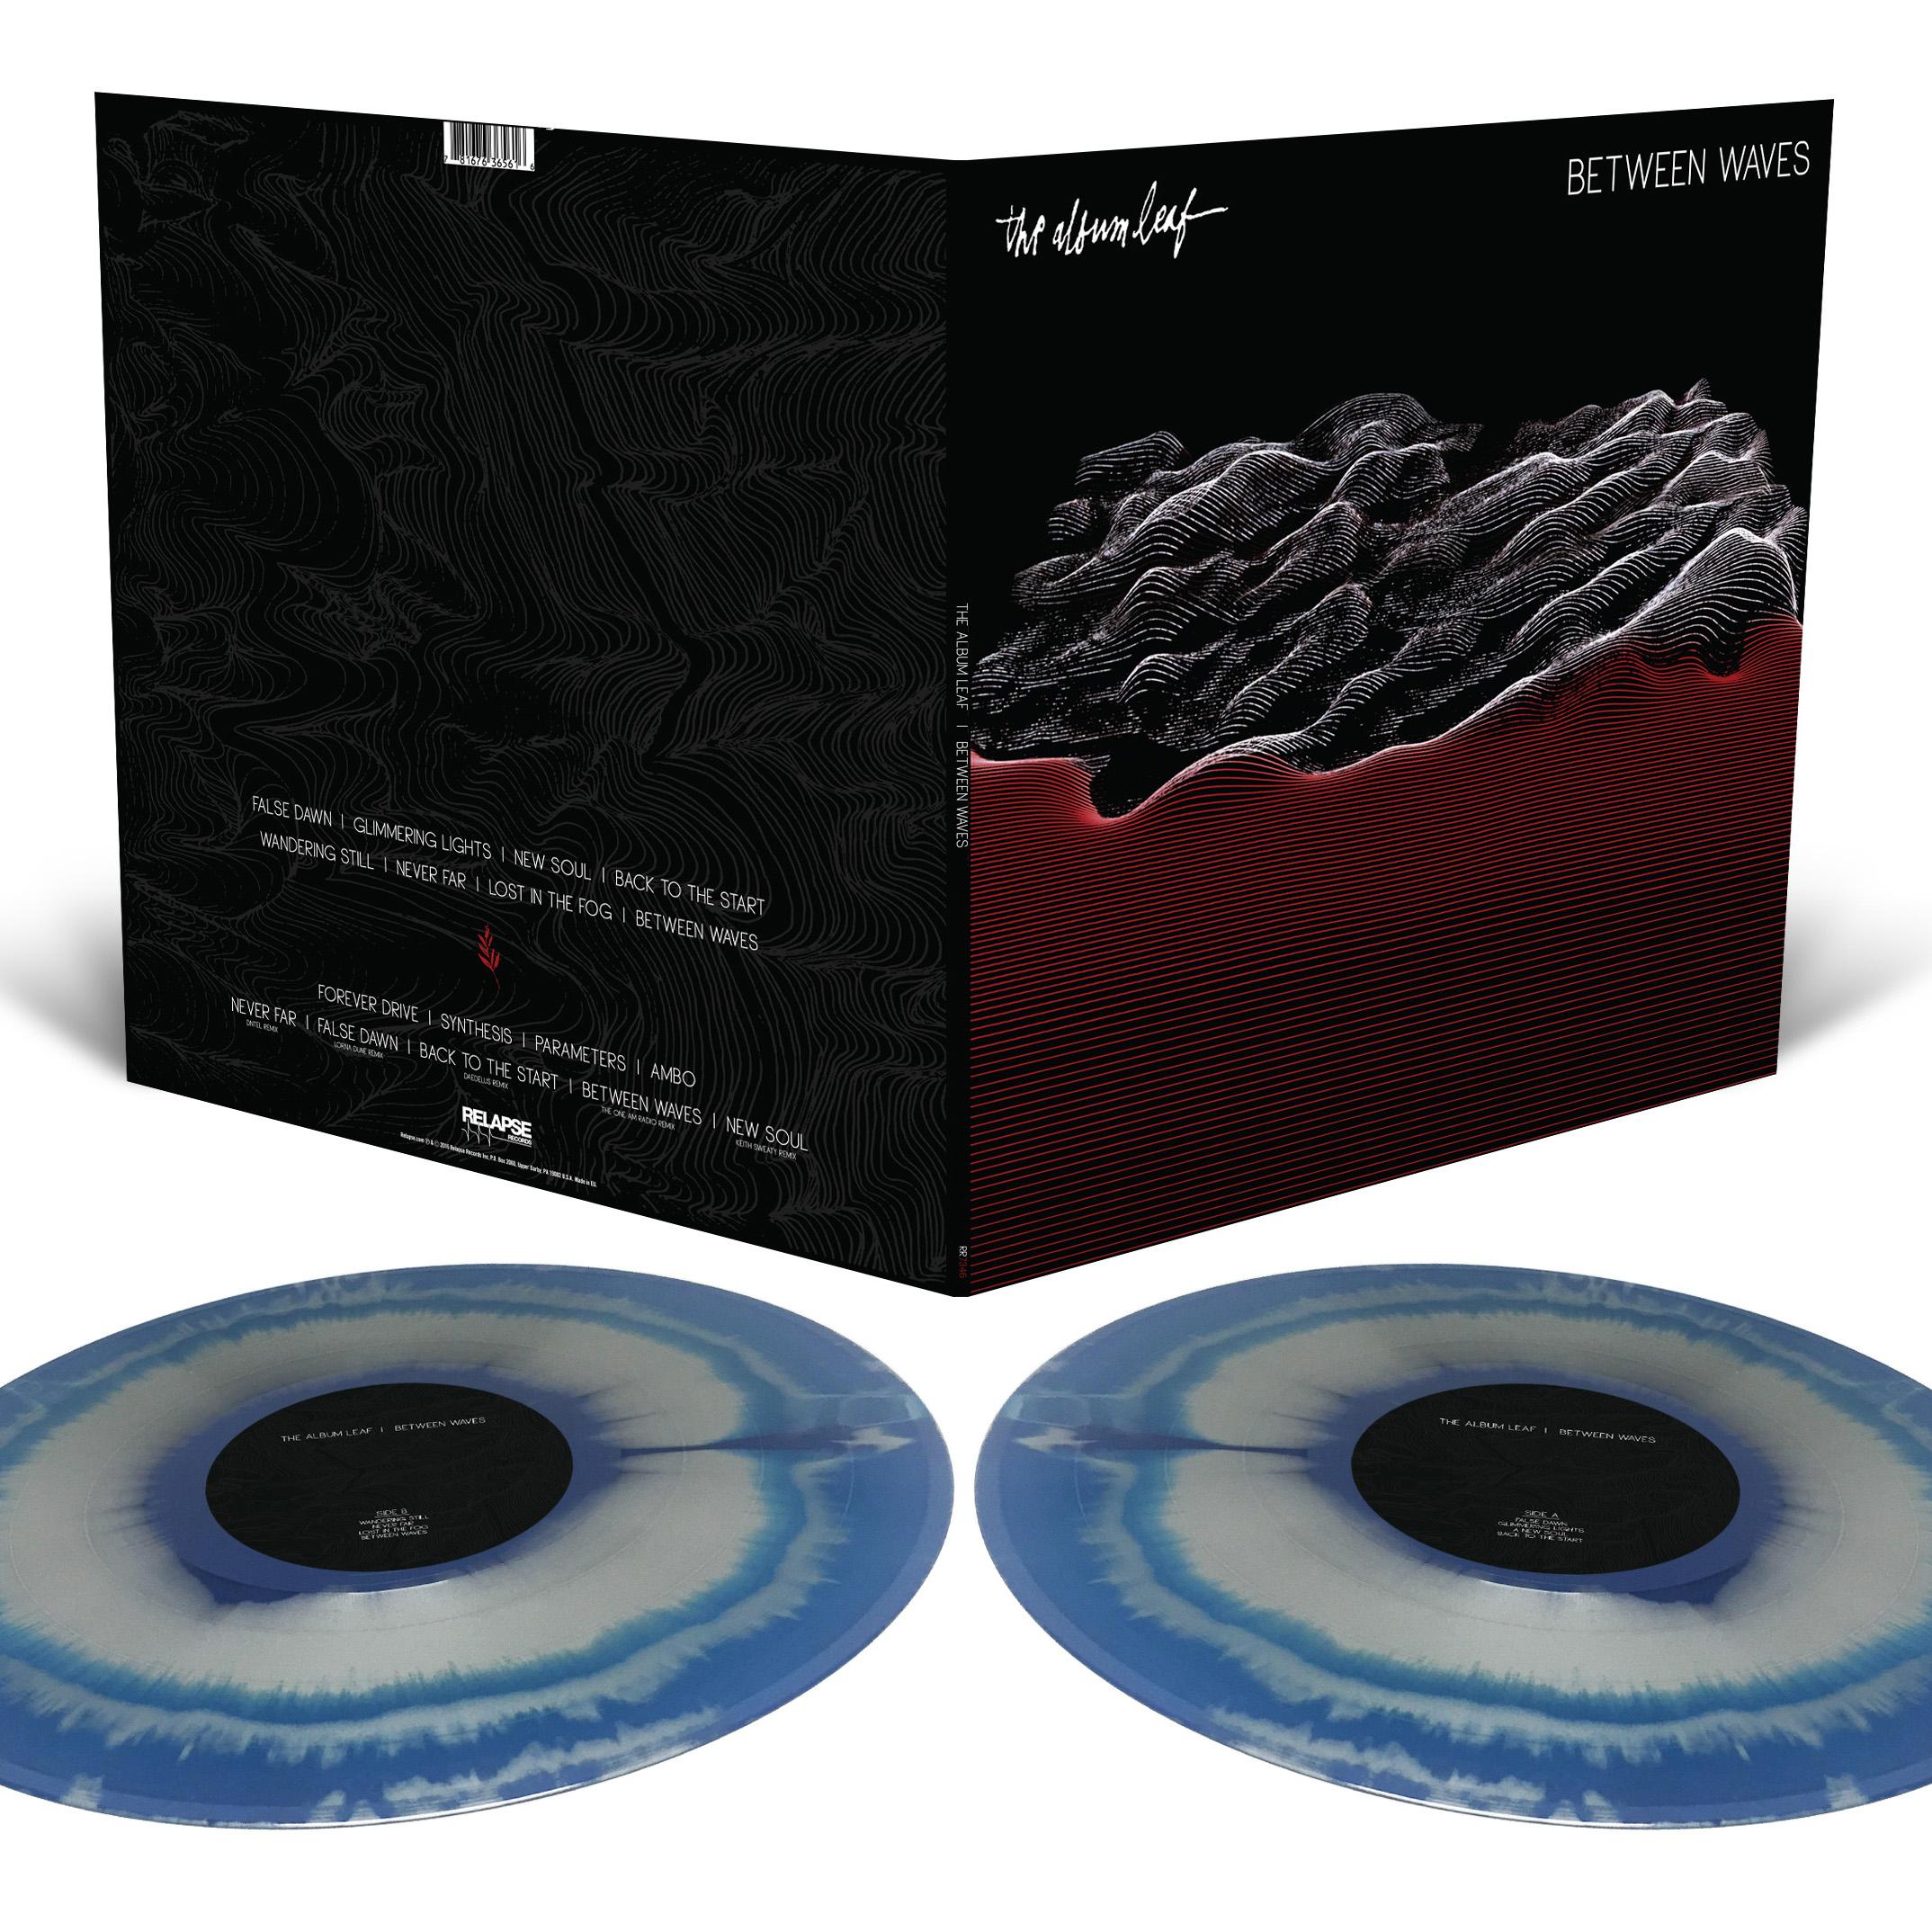 Between Waves Deluxe